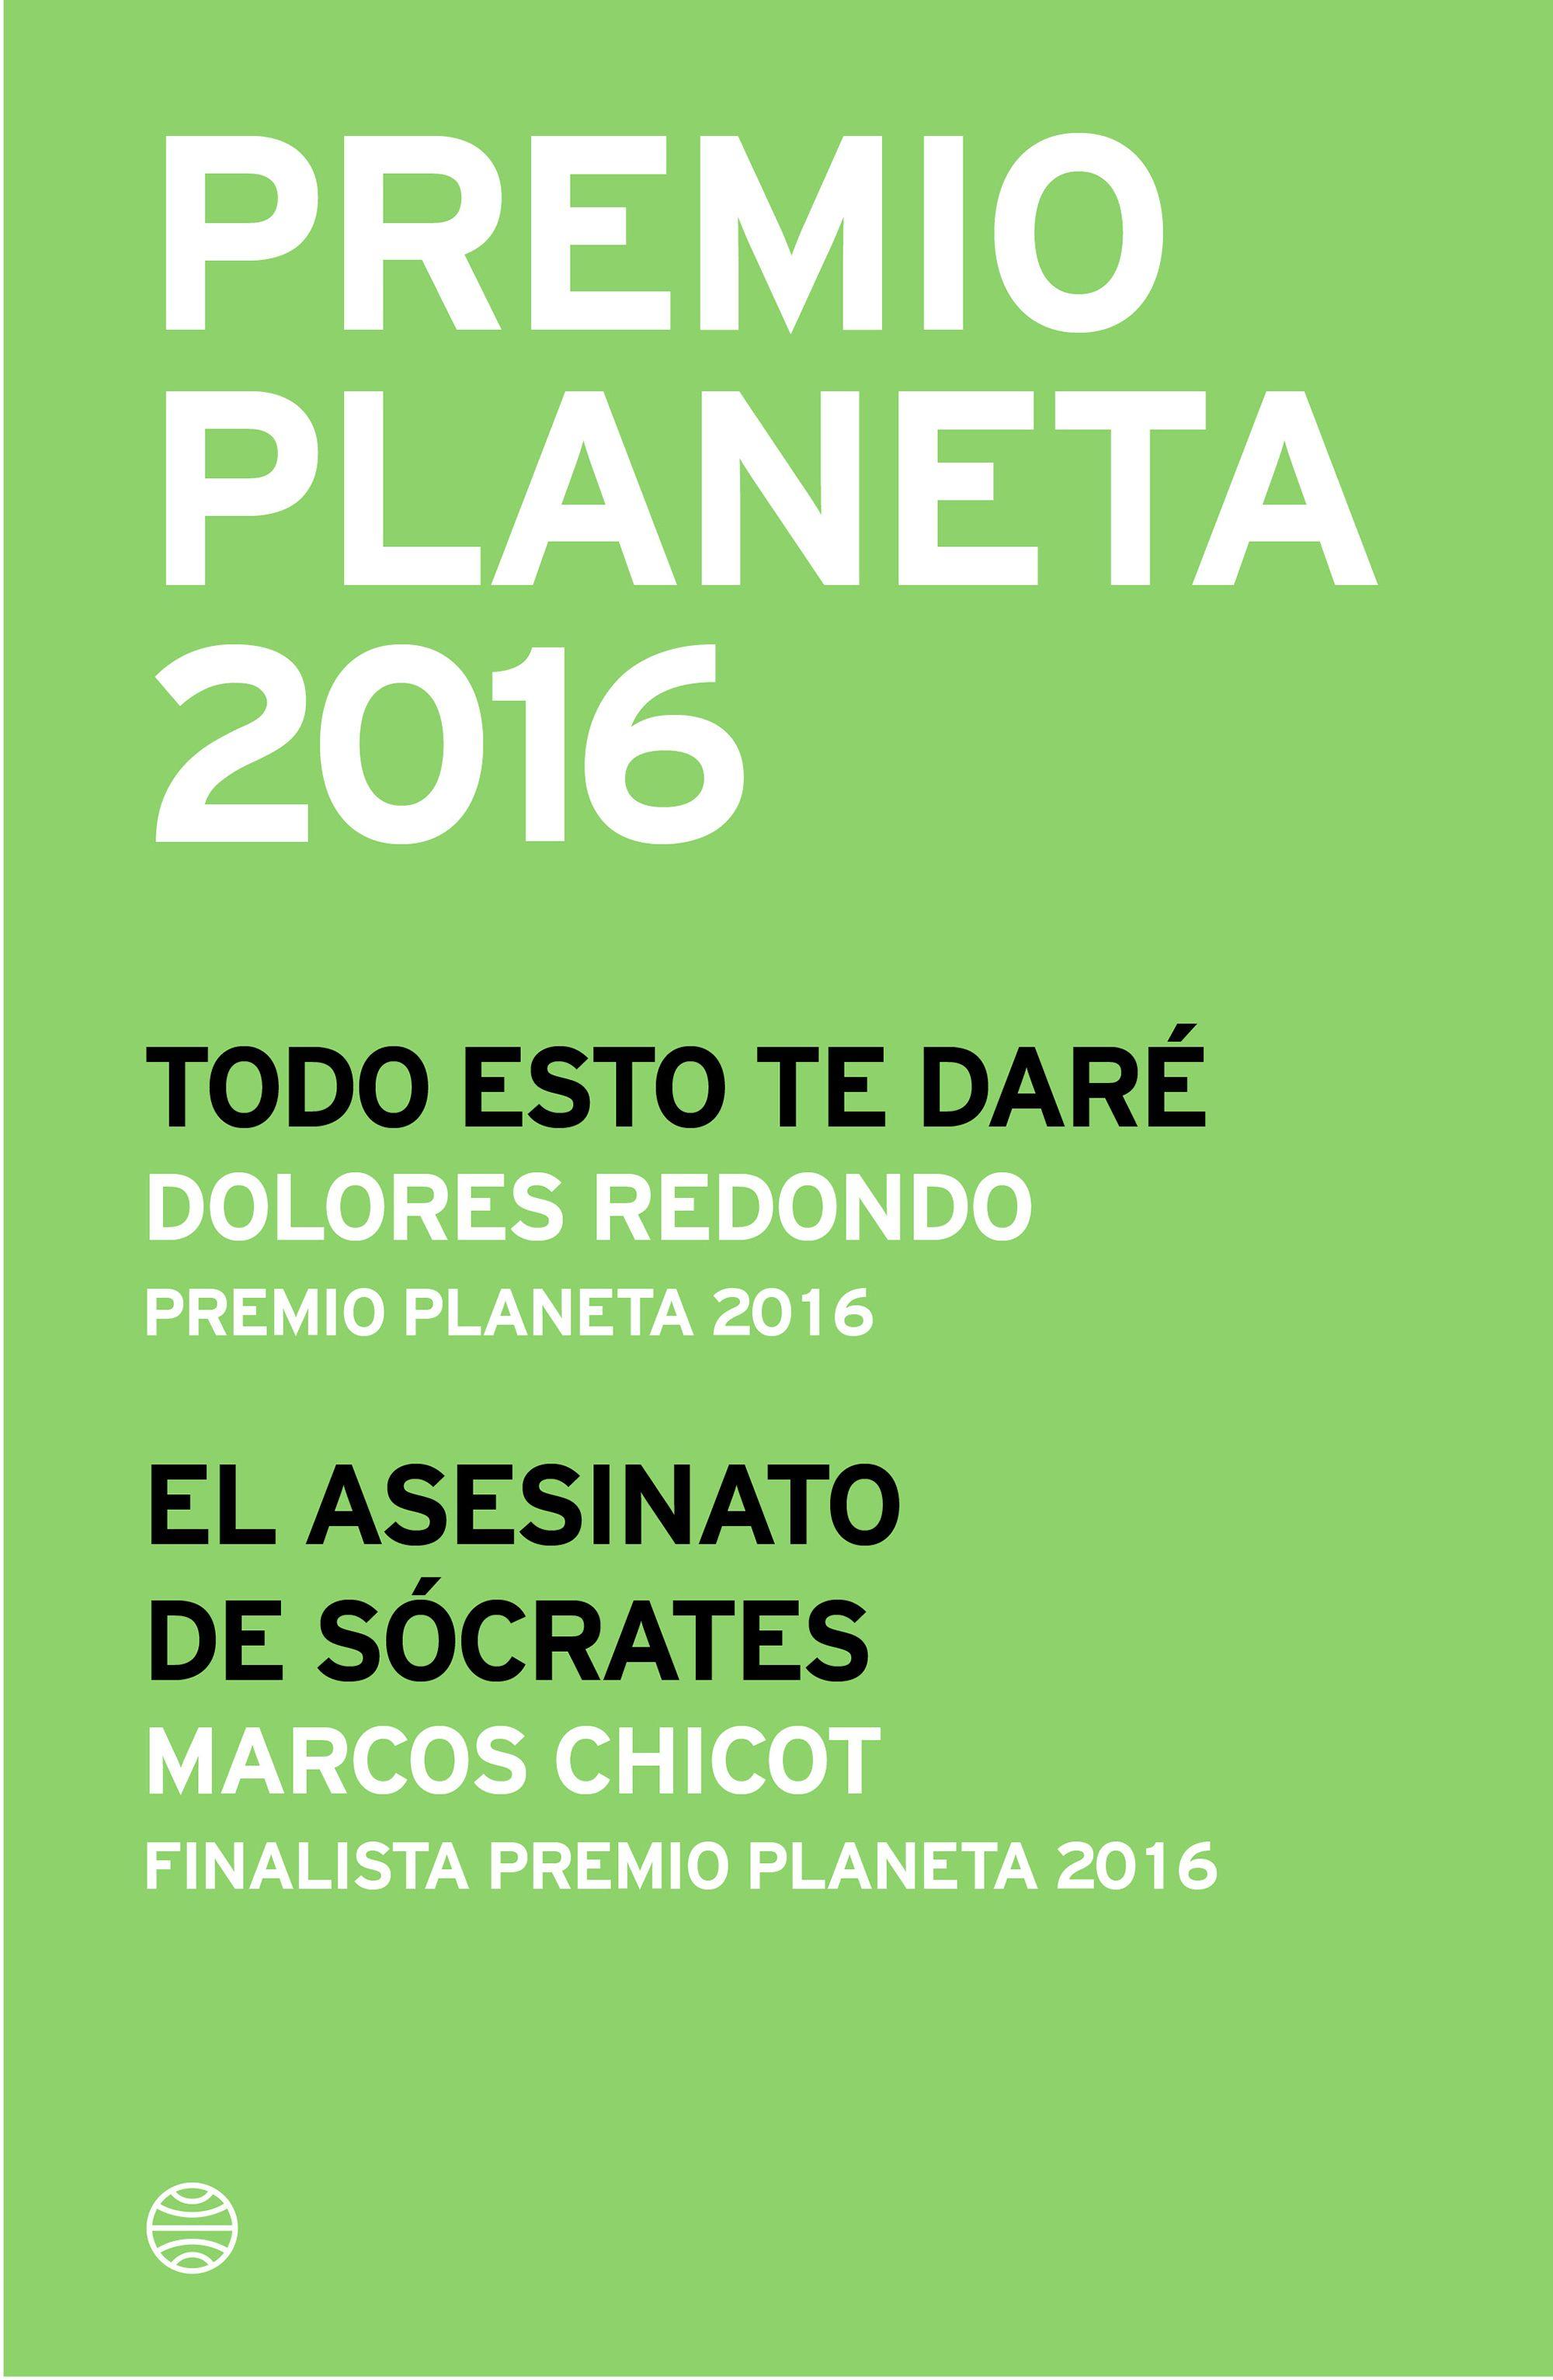 El asesinato de Sócrates | Planeta de Libros